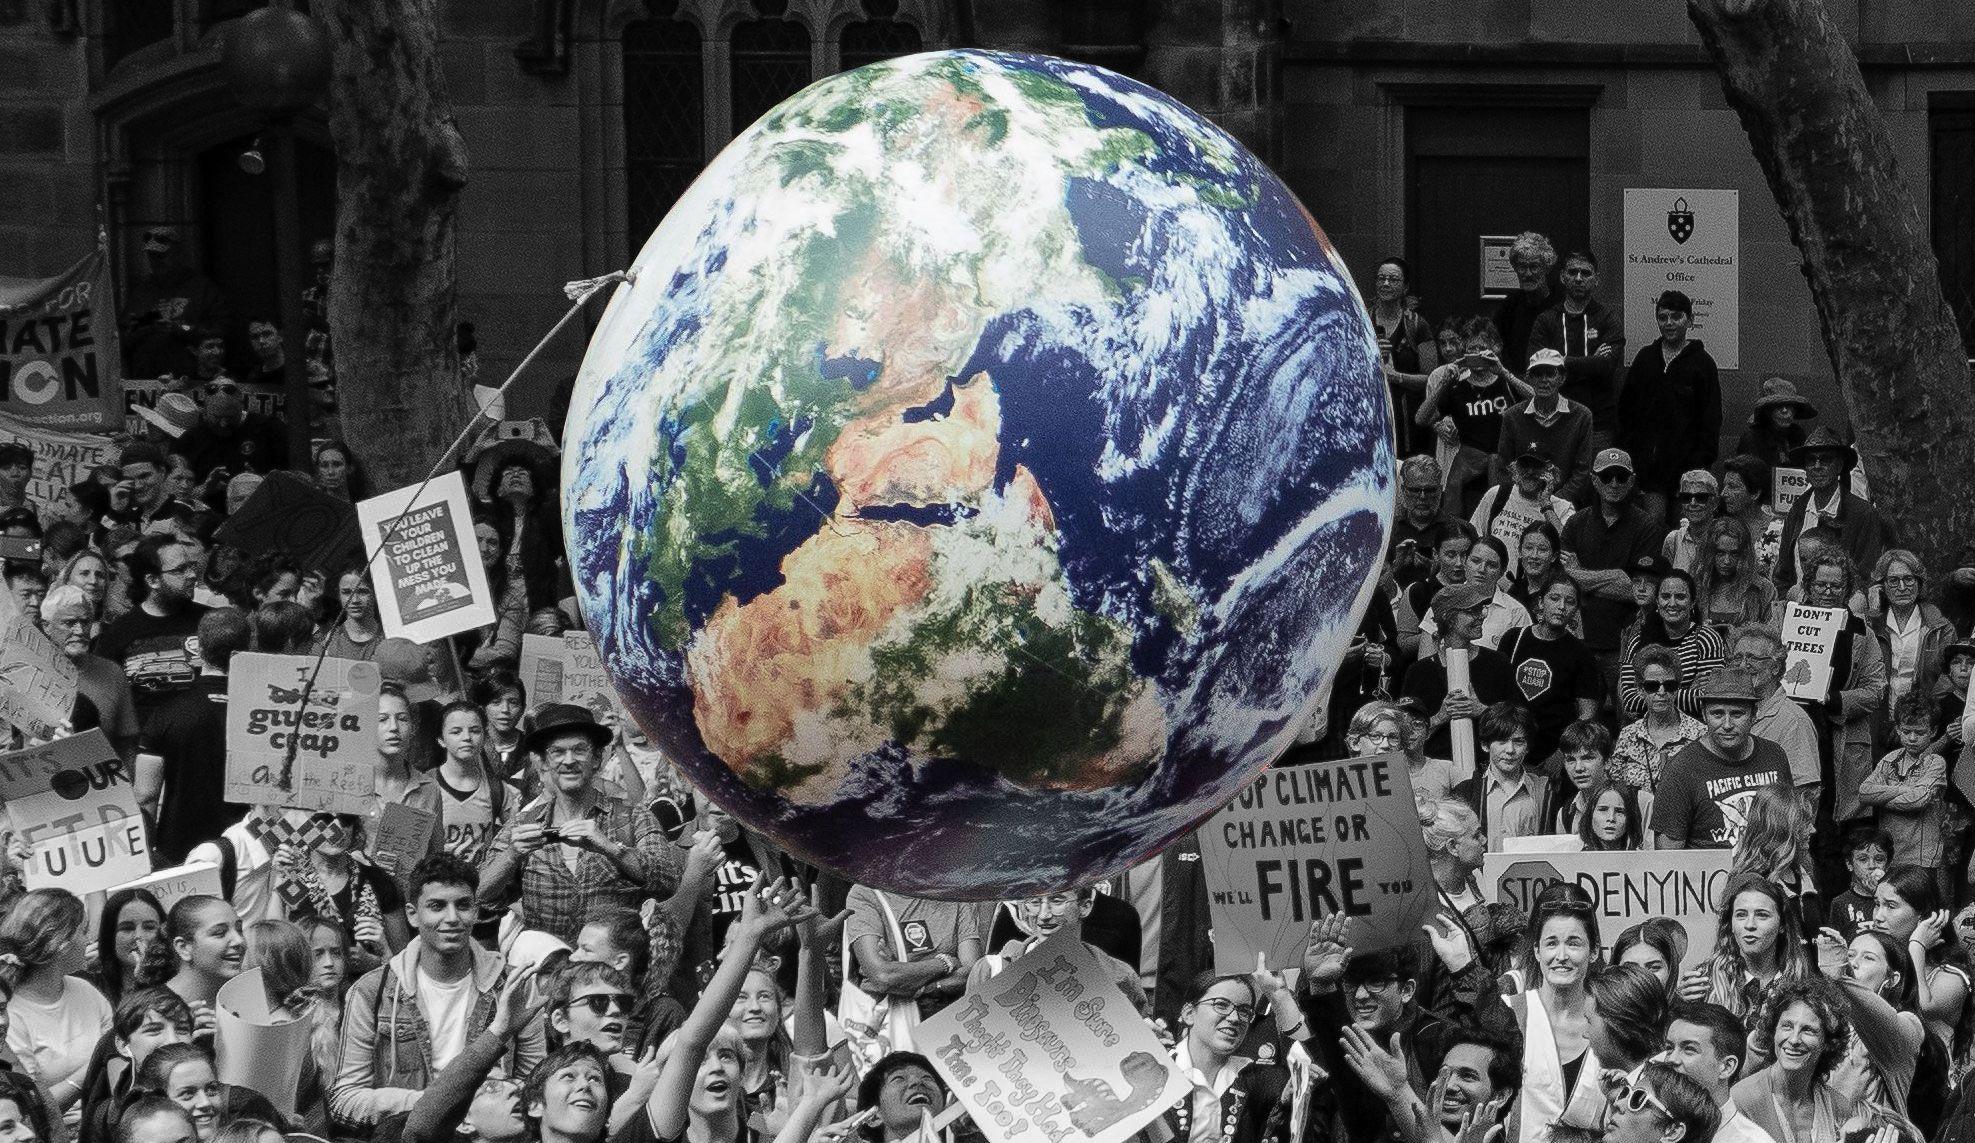 Türkiye'de Toplumun Yarısı İklim Krizini Virüsten Daha Büyük Bir Tehdit Olarak Görüyor